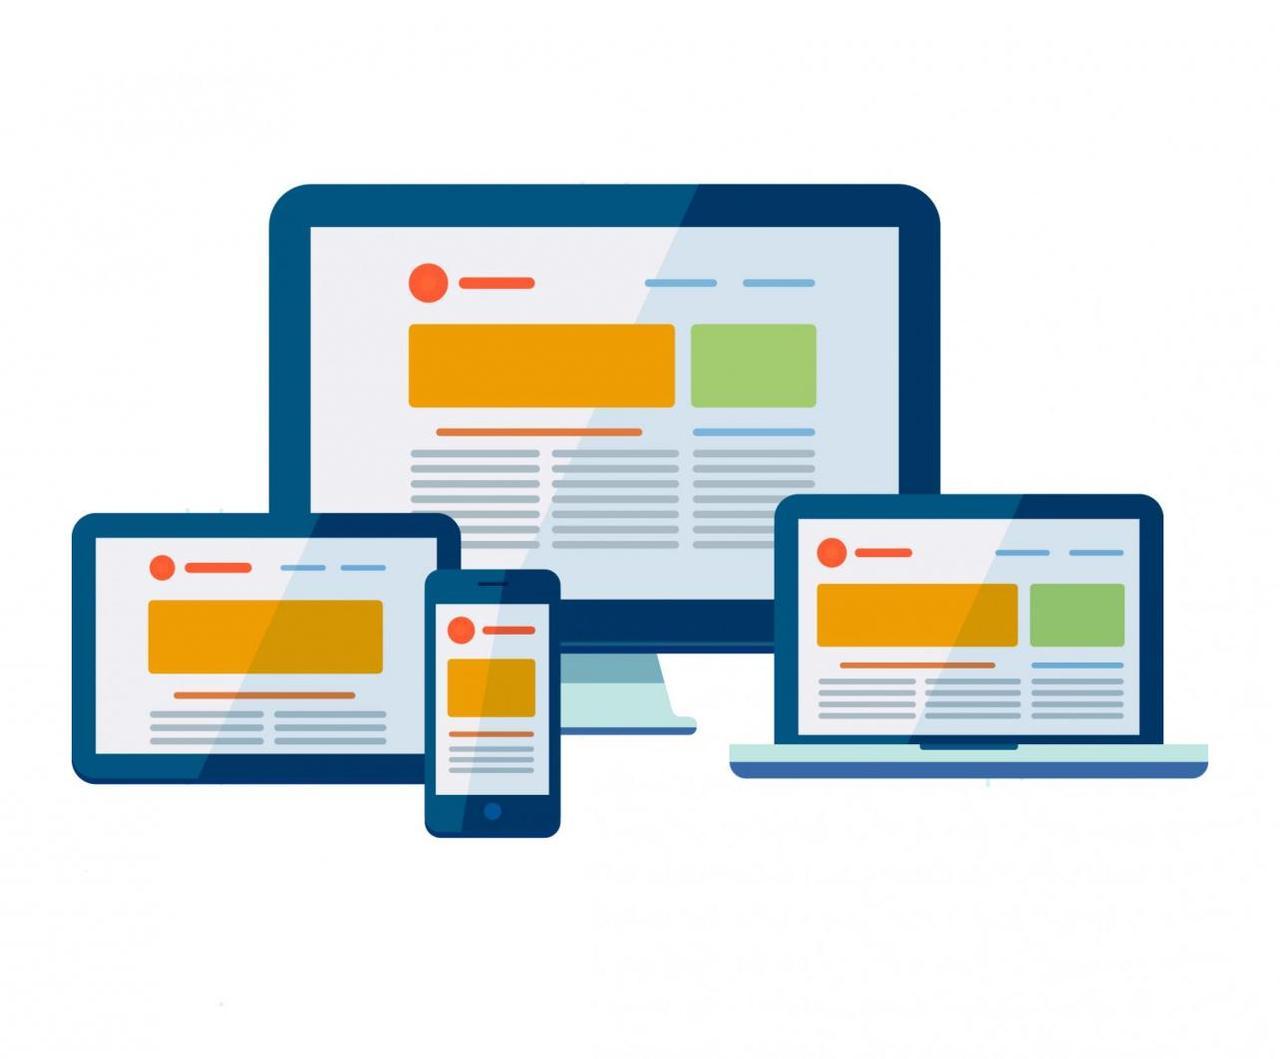 Создание сайтов и лендингов - профессиональная практика работы, легкое